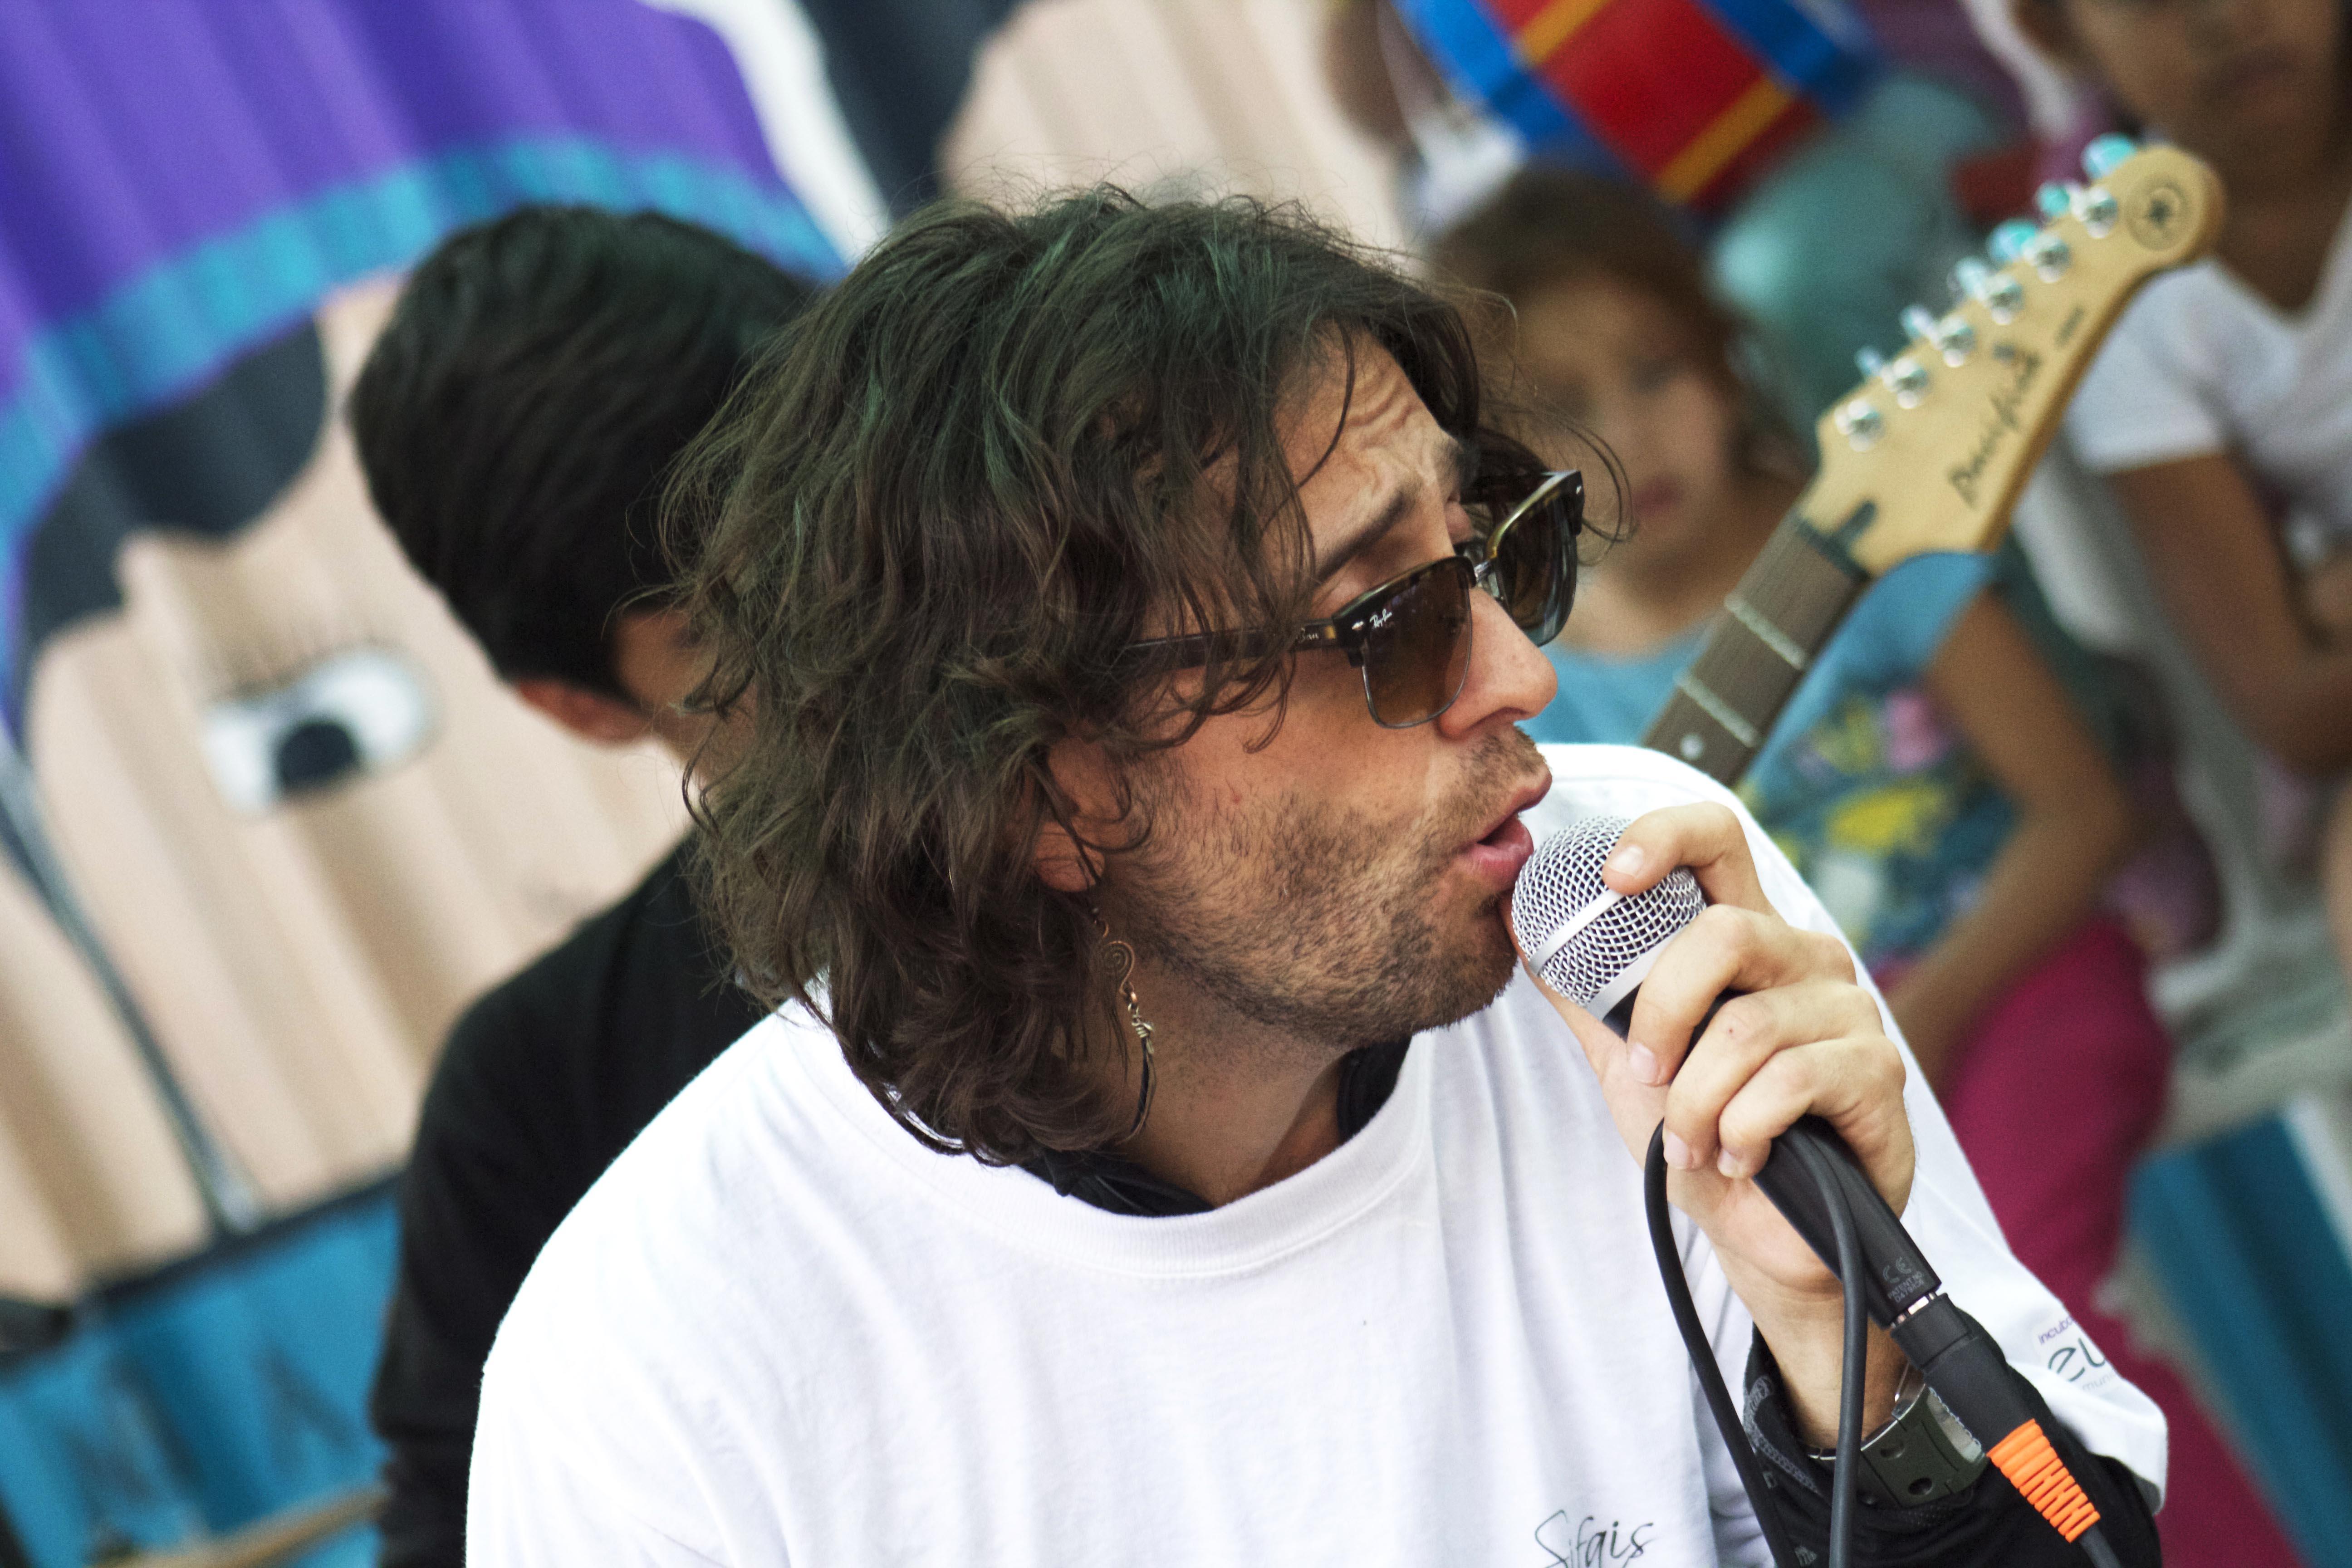 Luis Montalbert